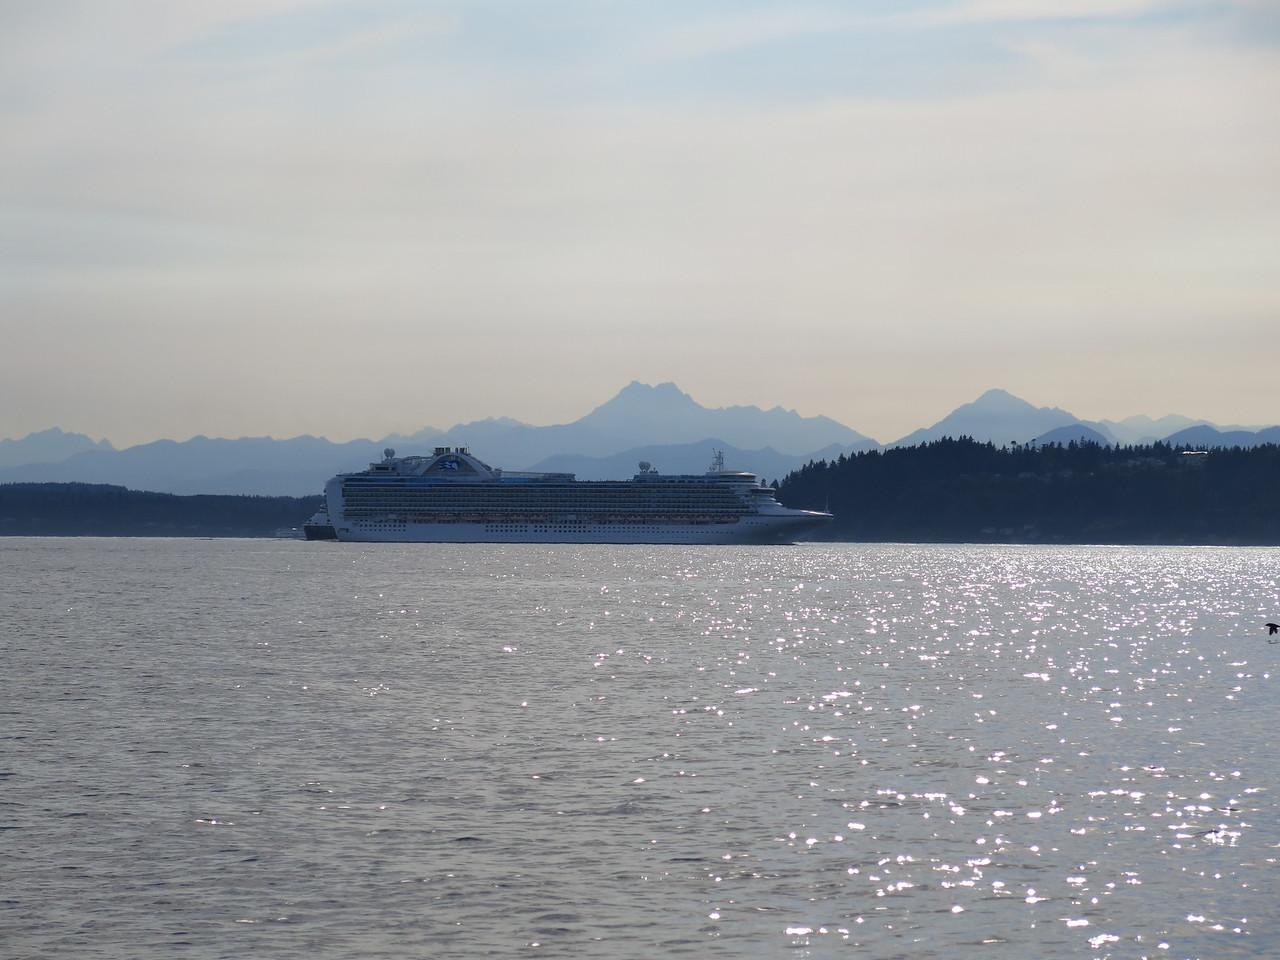 2015-08-02 Sail (2)